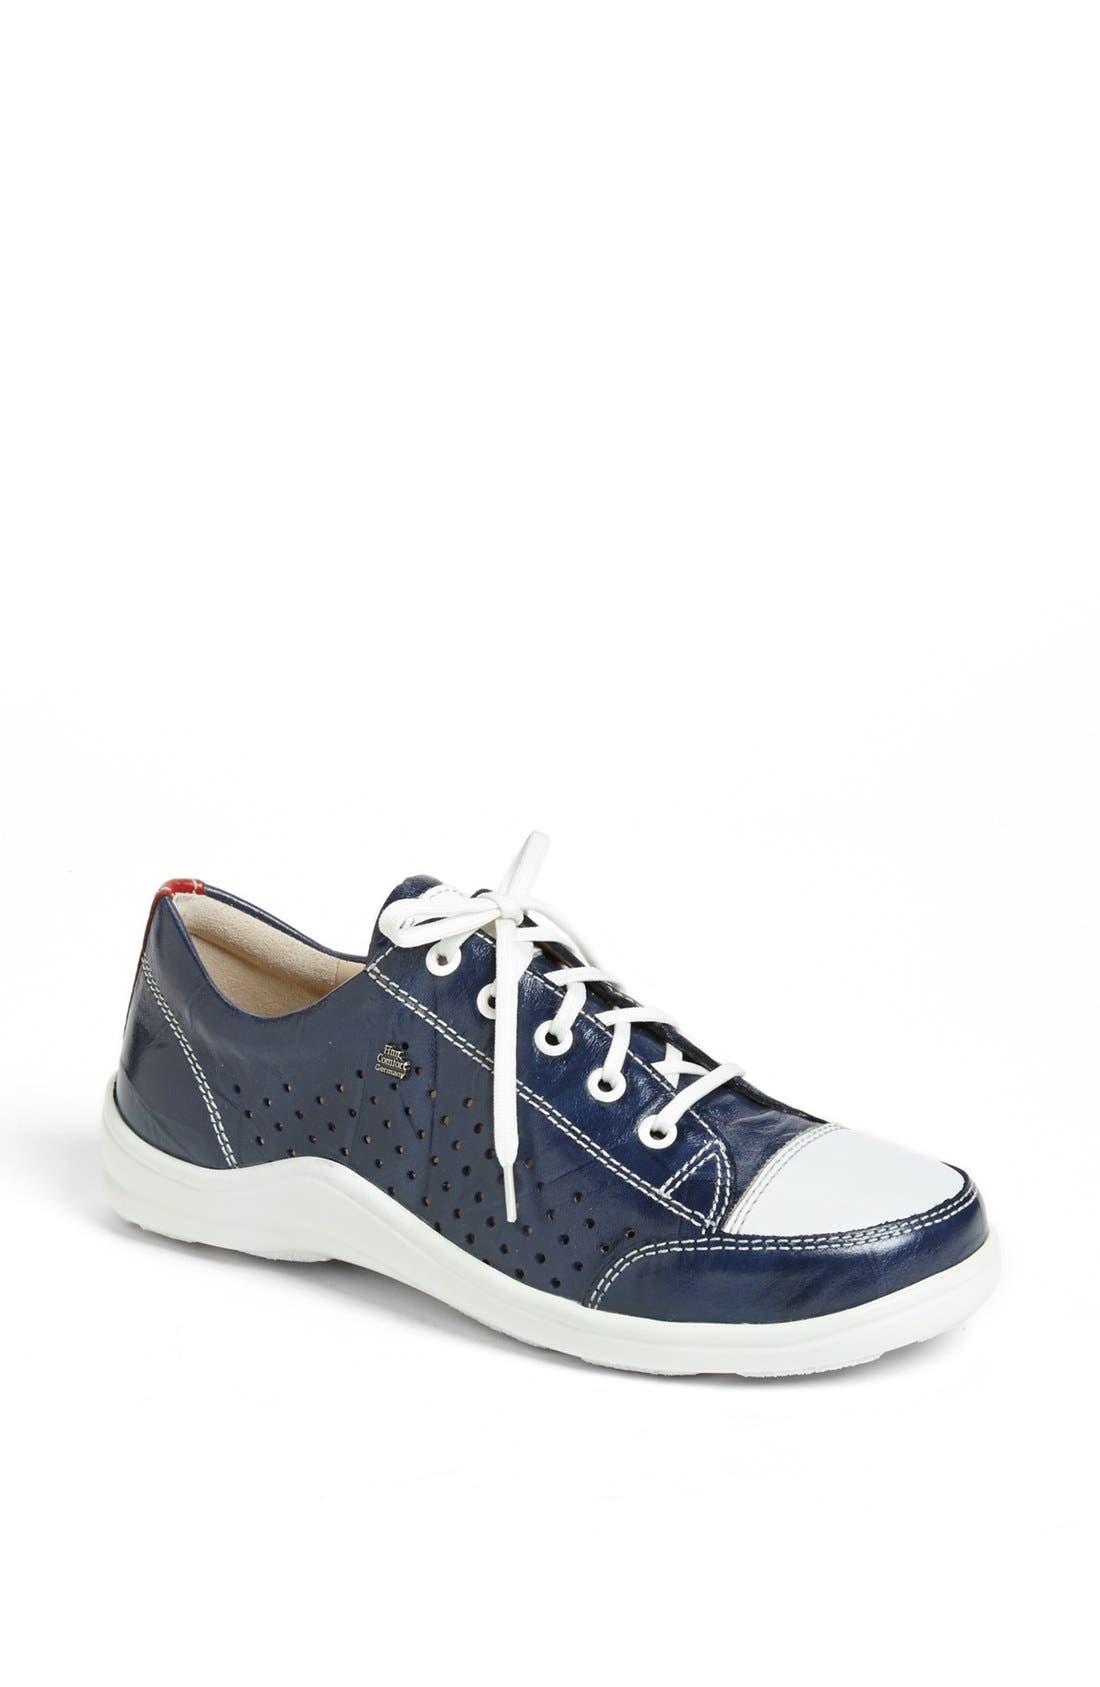 Main Image - Finn Comfort Perforated Sneaker (Women)